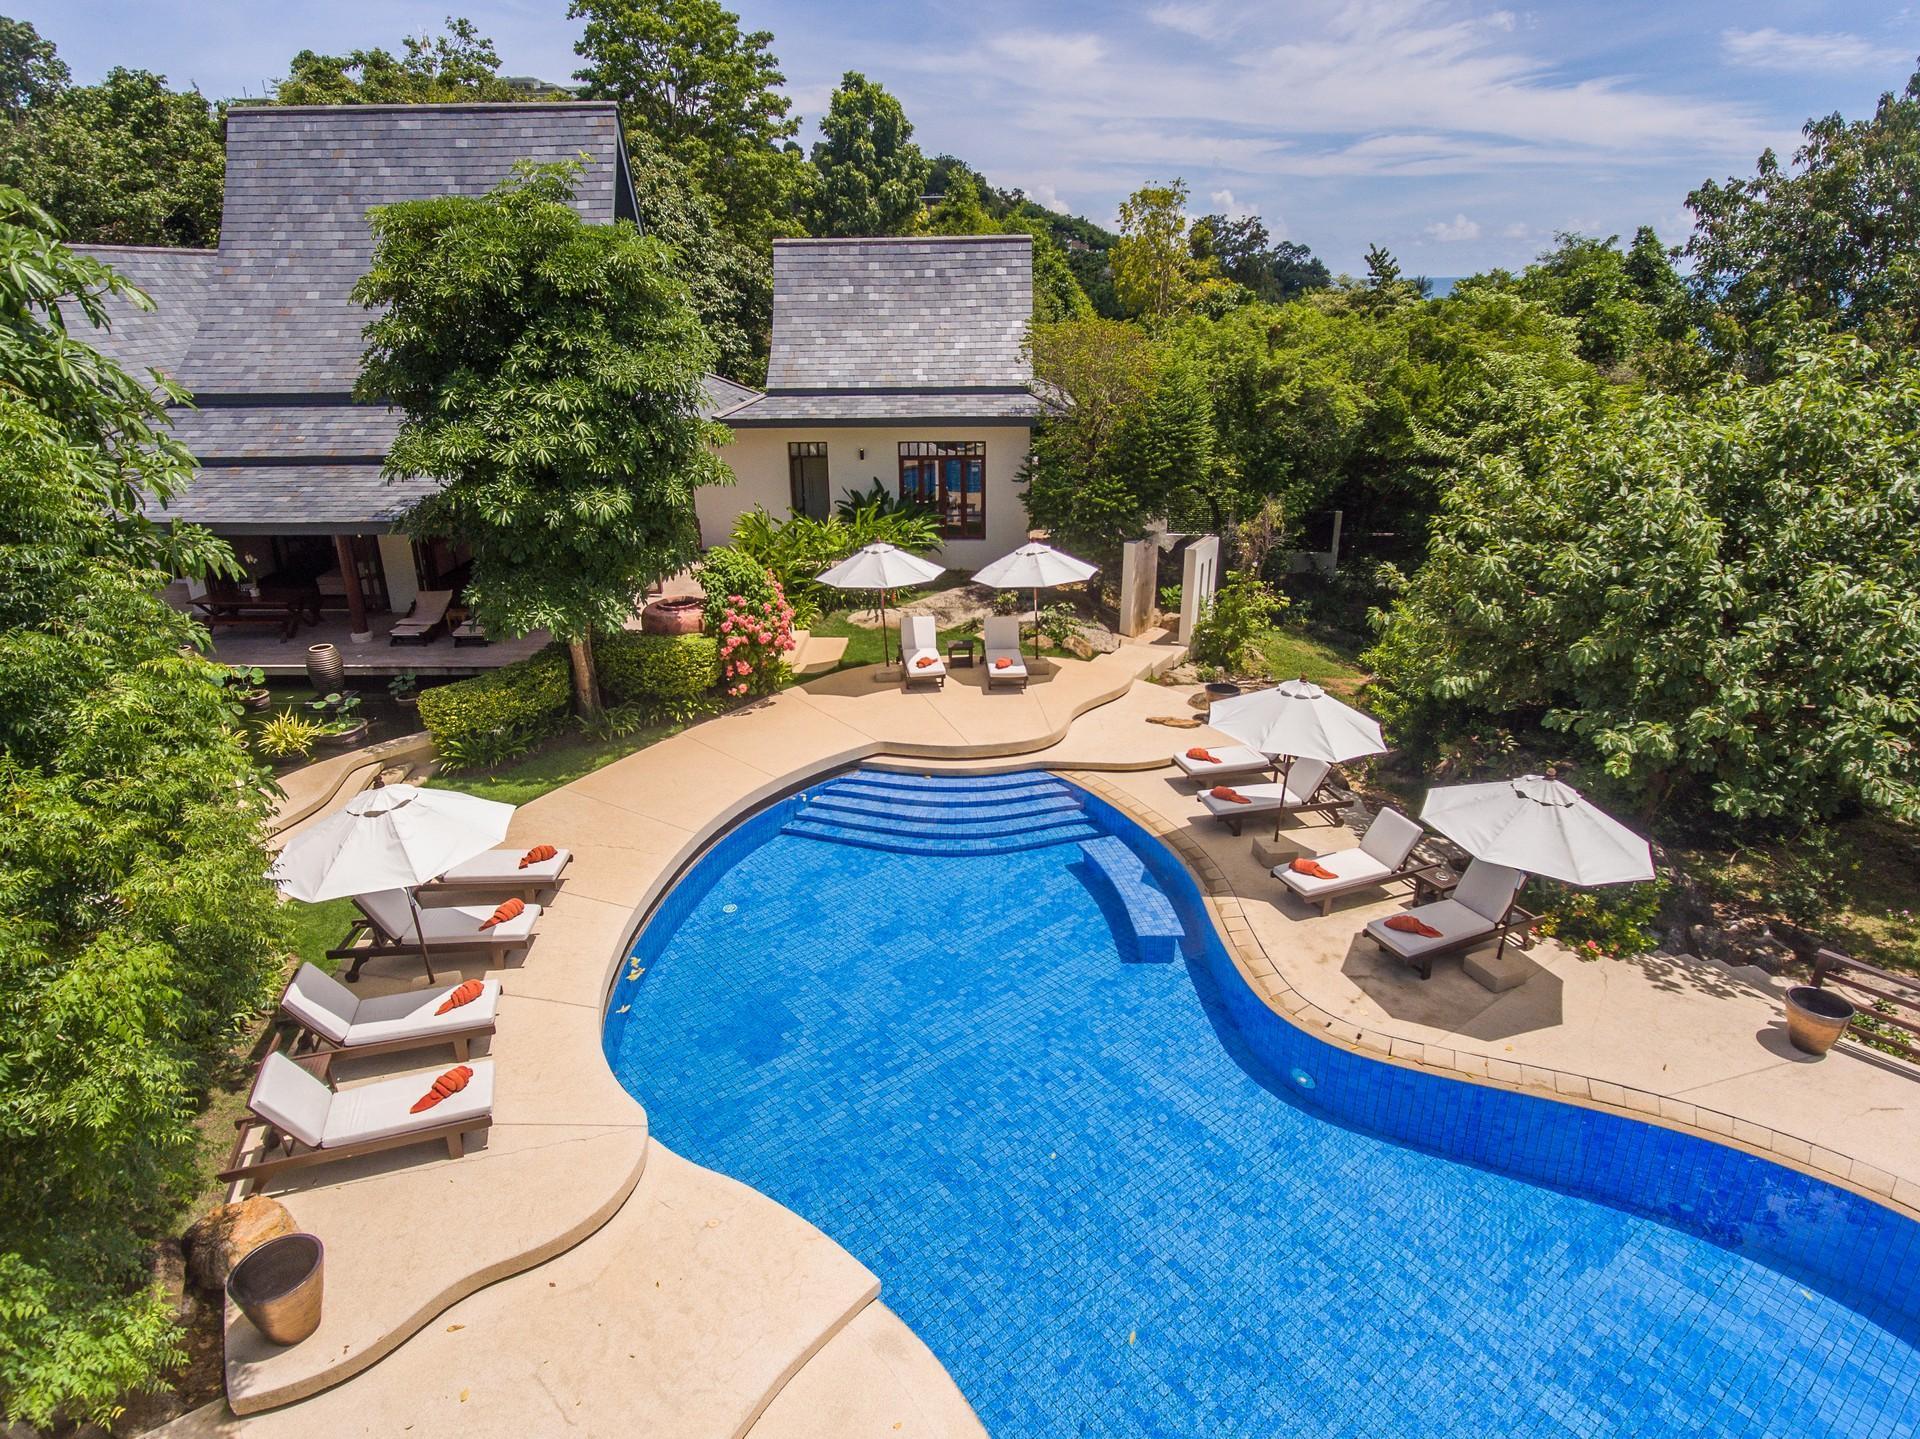 Motsamot 5 BR Villa